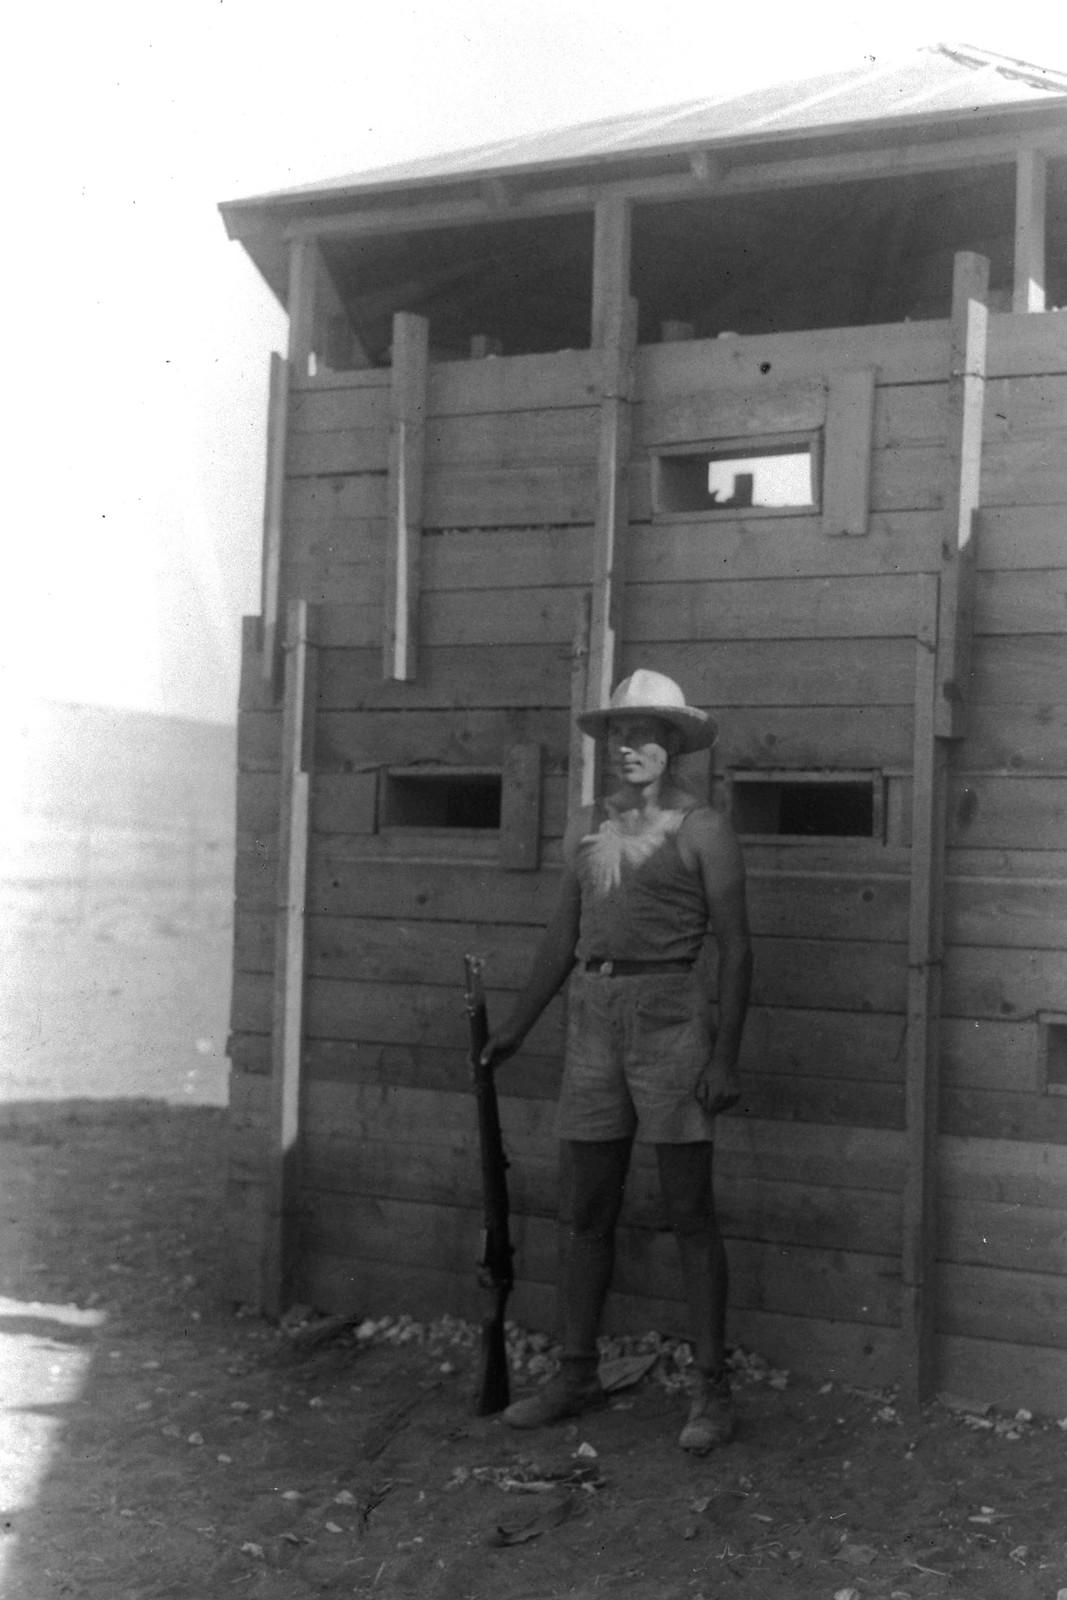 1937. Еврейская поселенческая полиция в кибуце Кфар-Менахем. 10.01.